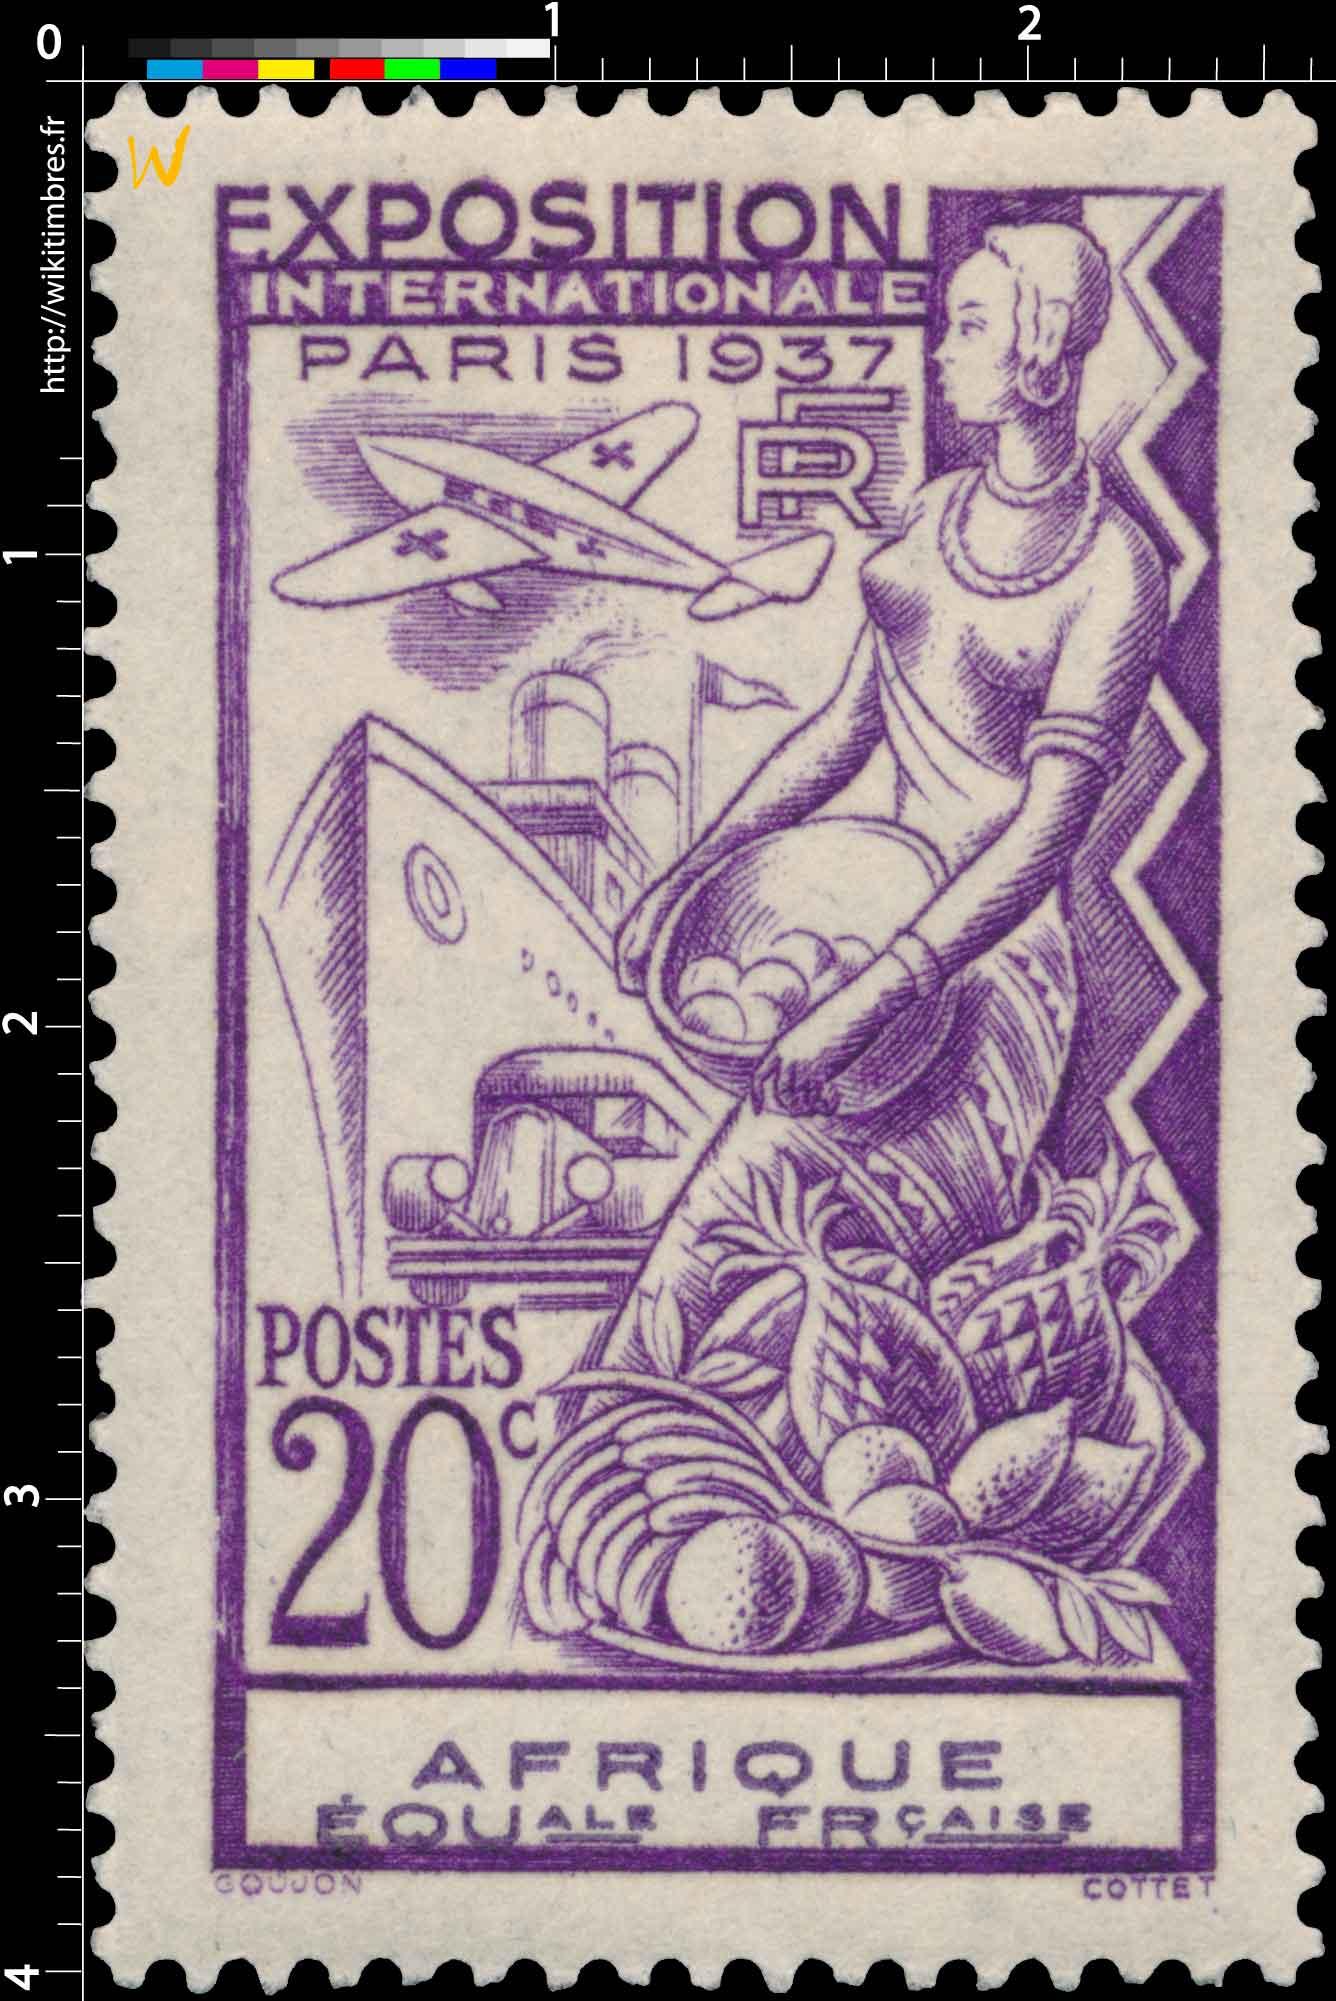 1937 Exposition internationale Paris AFRIQUE EQUale FRçaise